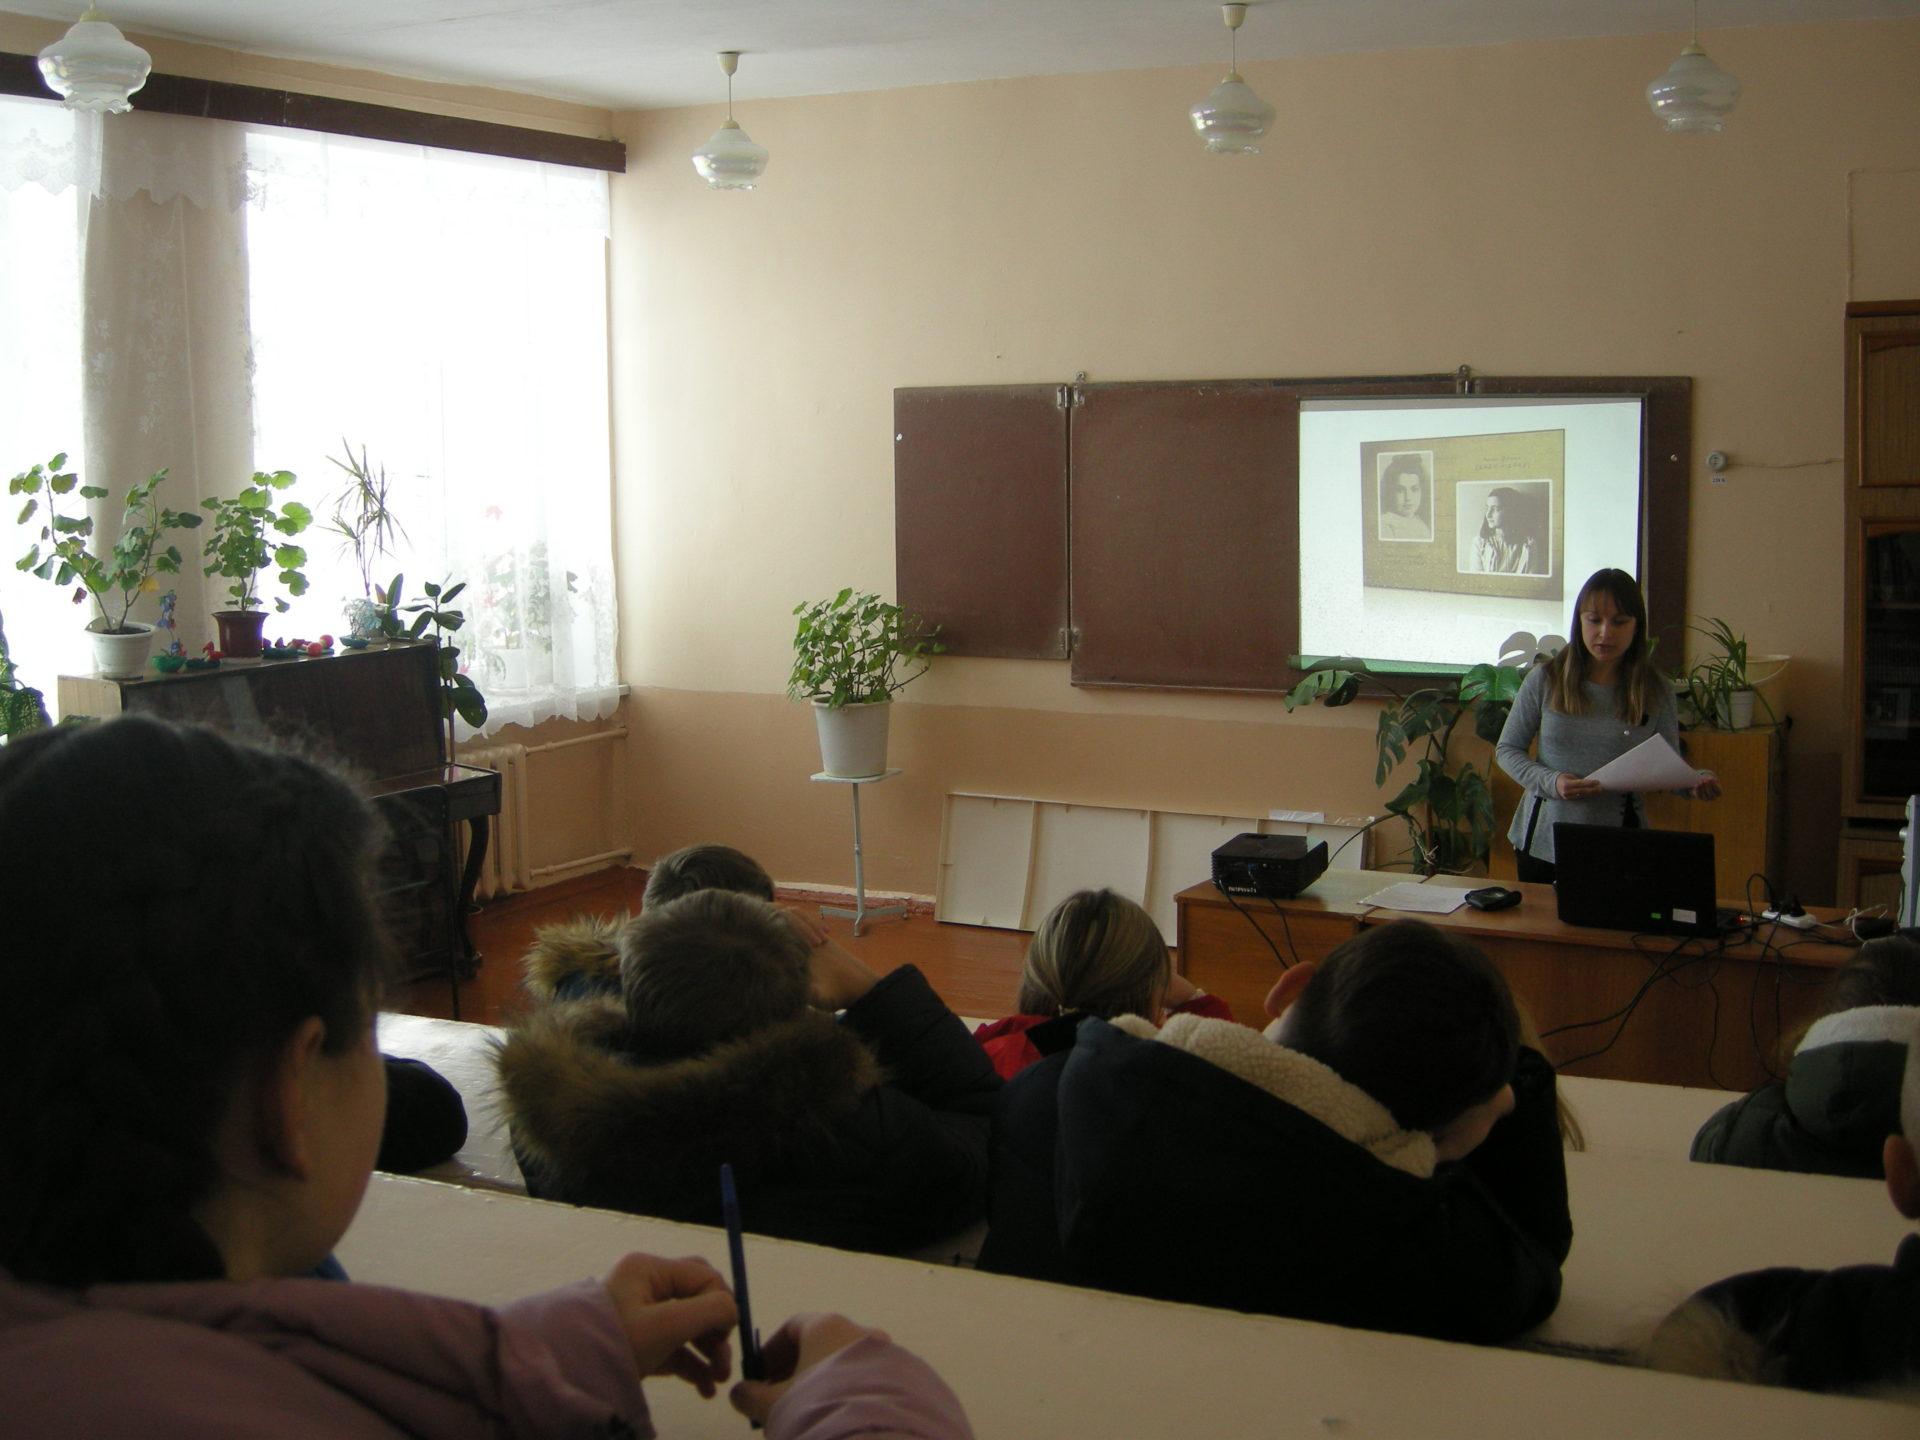 Для учащихся Детско-юношеского центра г. Петровска Саратовской области прошло мероприятие «У дружбы нет национальности»